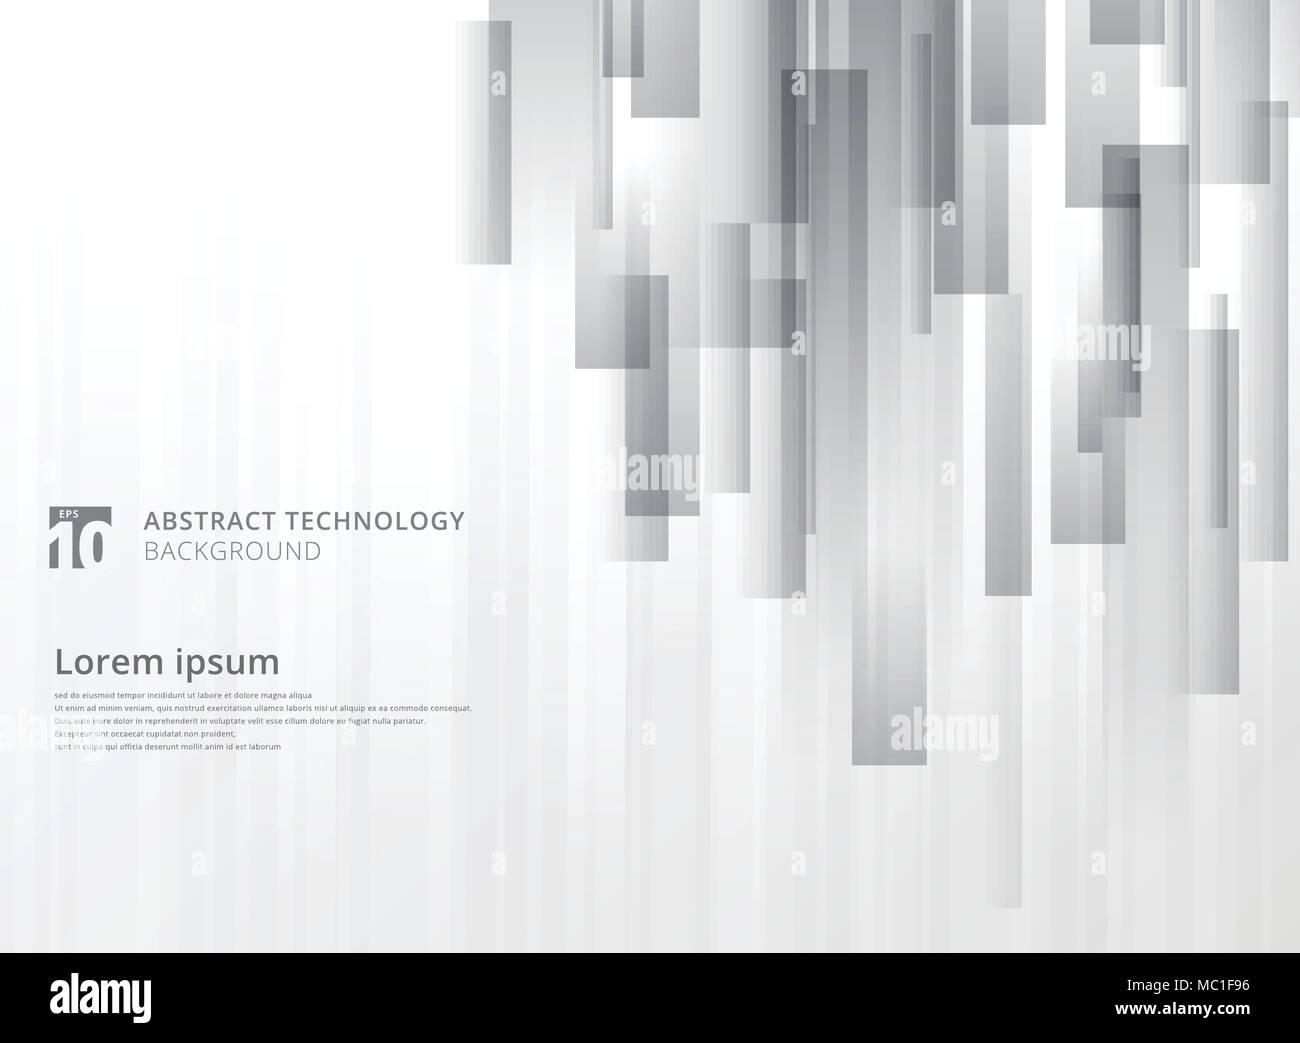 Tecnologia astratta sovrapposizione verticale piazze geometrica forma di colore grigio su sfondo bianco con copia spazio. Vettore grafico illustrazione Immagini Stock